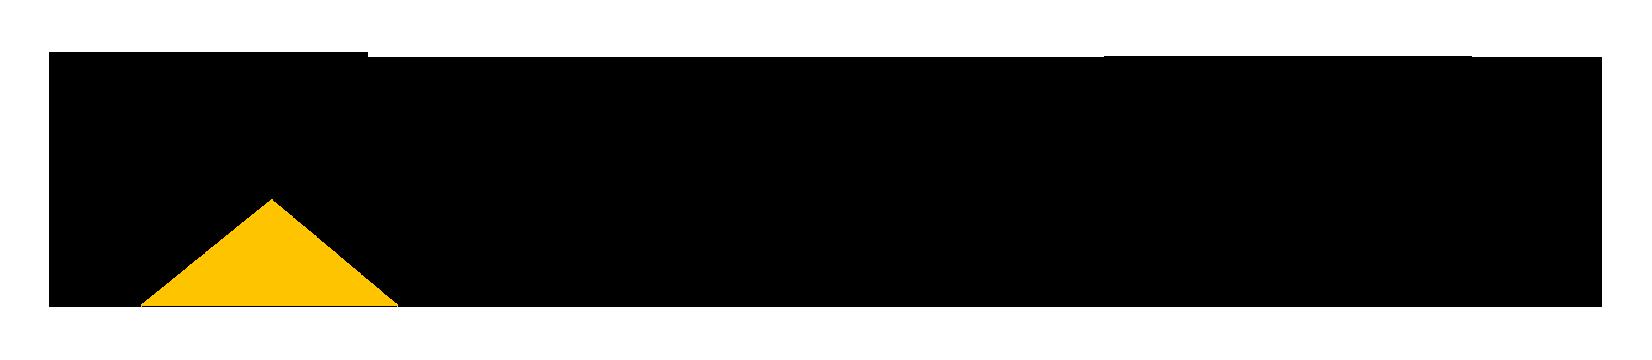 Caterpillar Logo Png Image Purepng Free Transparent Cc0 Png